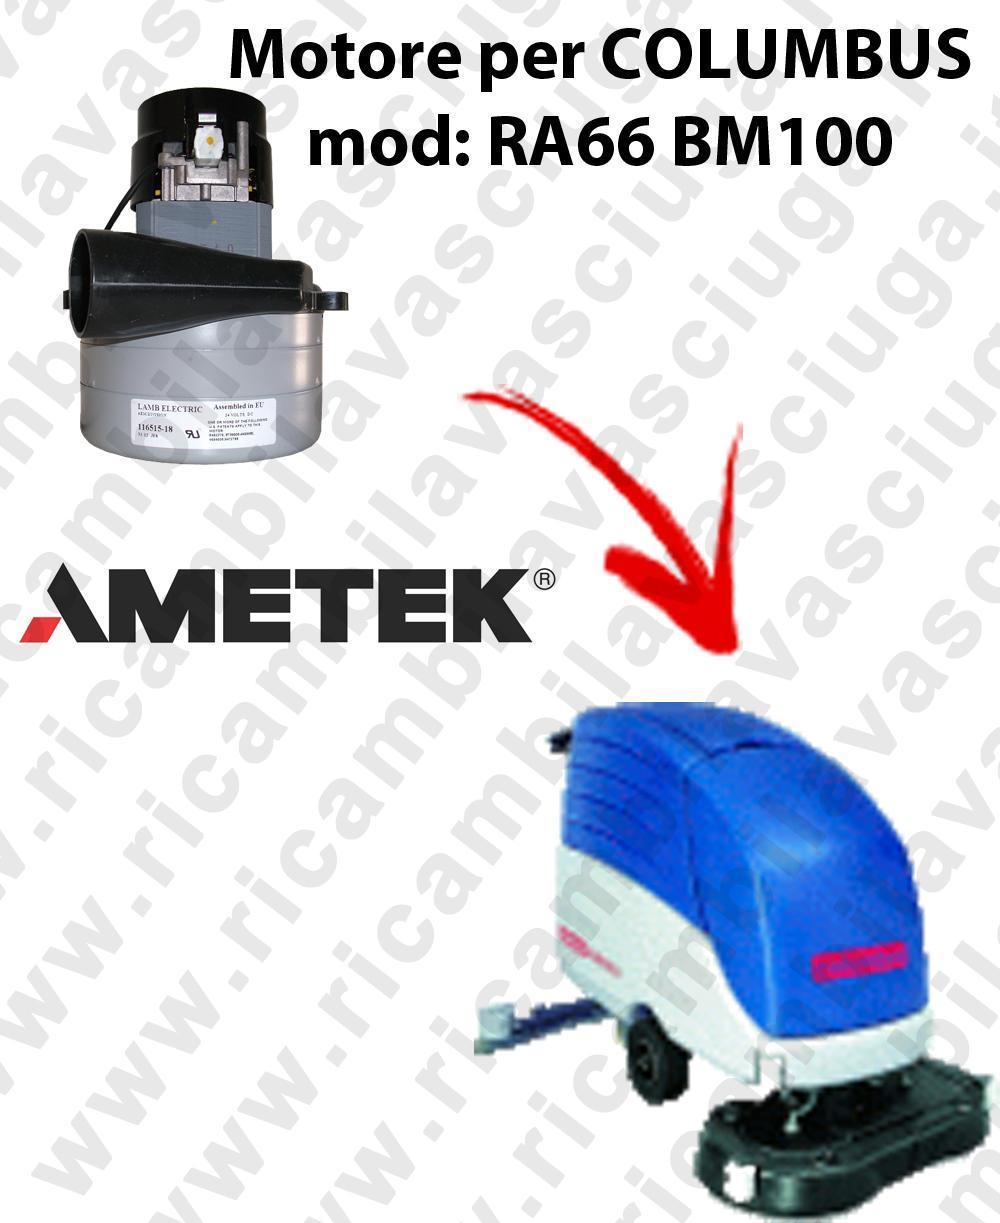 RA66 BM100 MOTEUR ASPIRATION LAMB AMETEK pour autolaveuses COLUMBUS